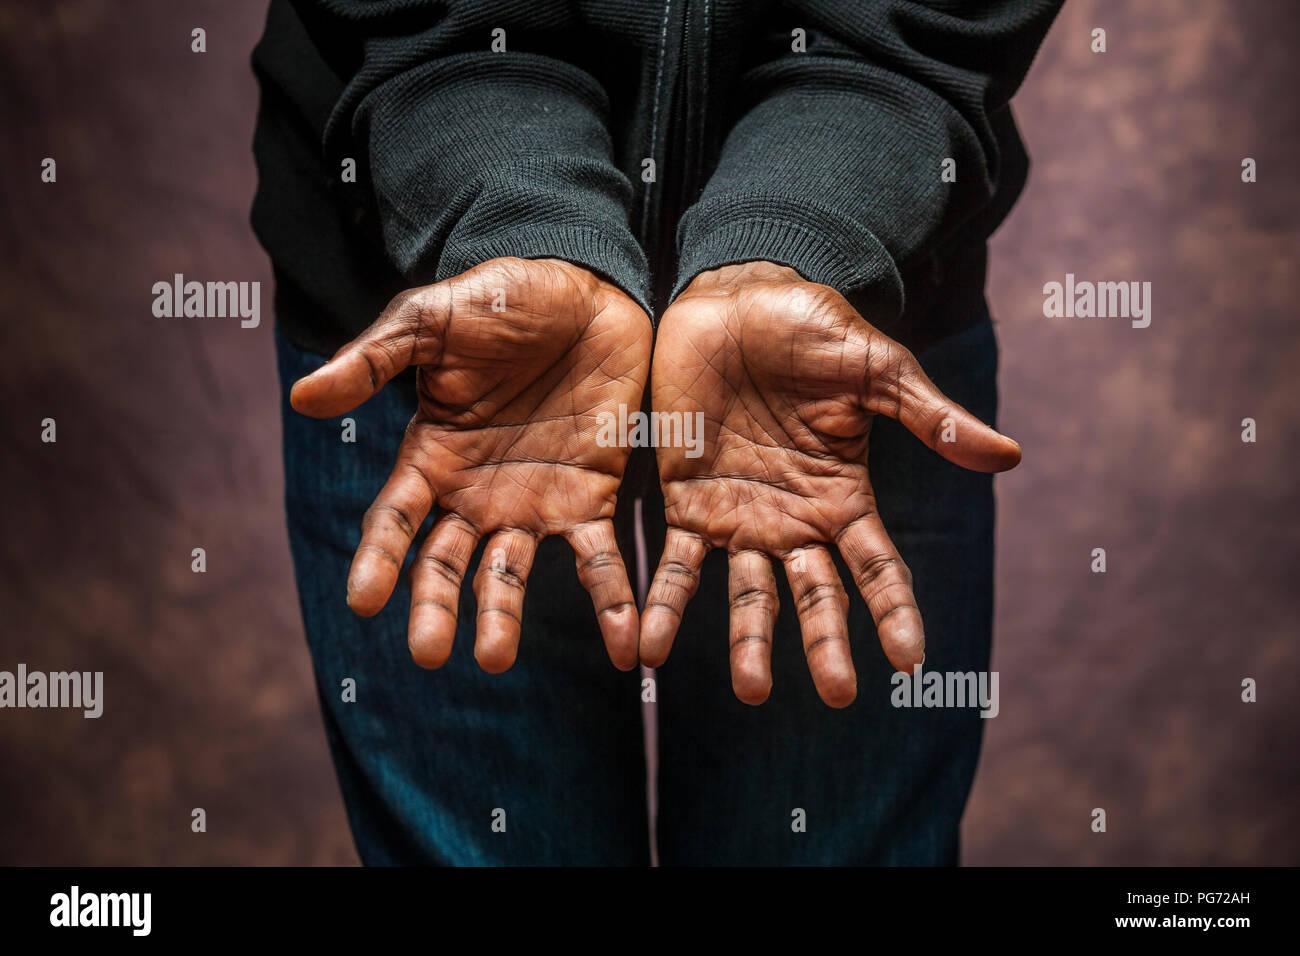 Portrait von ein paar dunklen complexioned/Afroamerikaner/In männlichen Händen. Stockbild